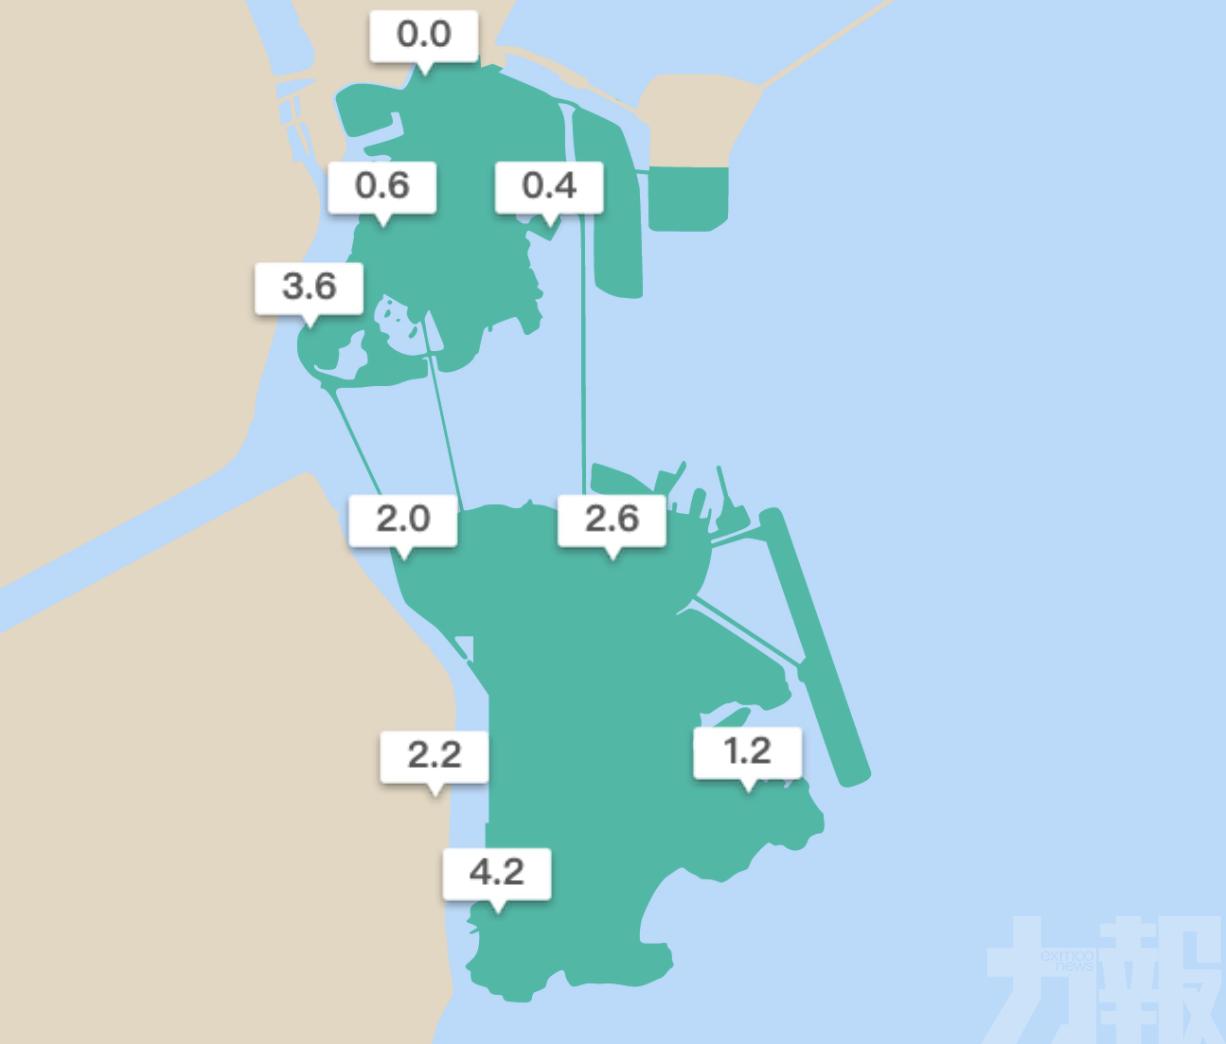 至早上8時大部分地區錄得逾50毫米降雨